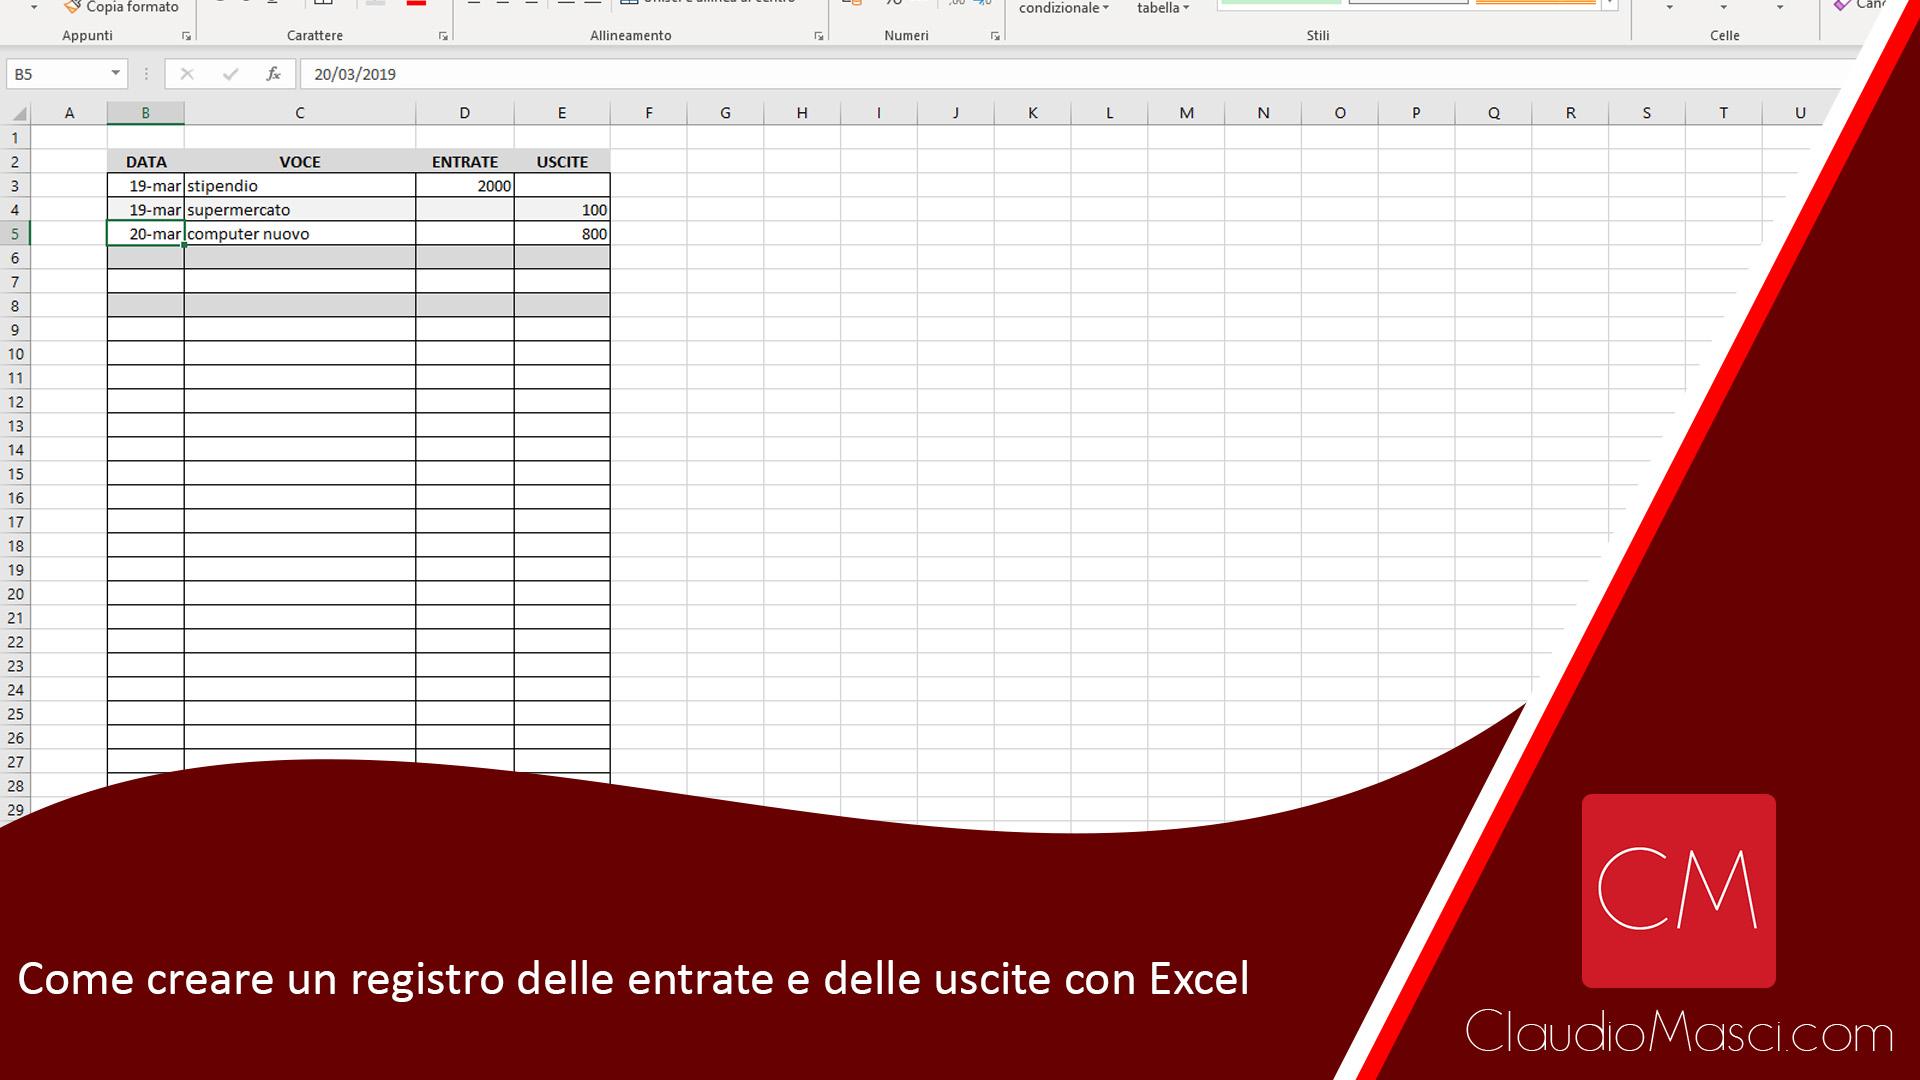 Come creare un registro delle entrate e delle uscite con Excel